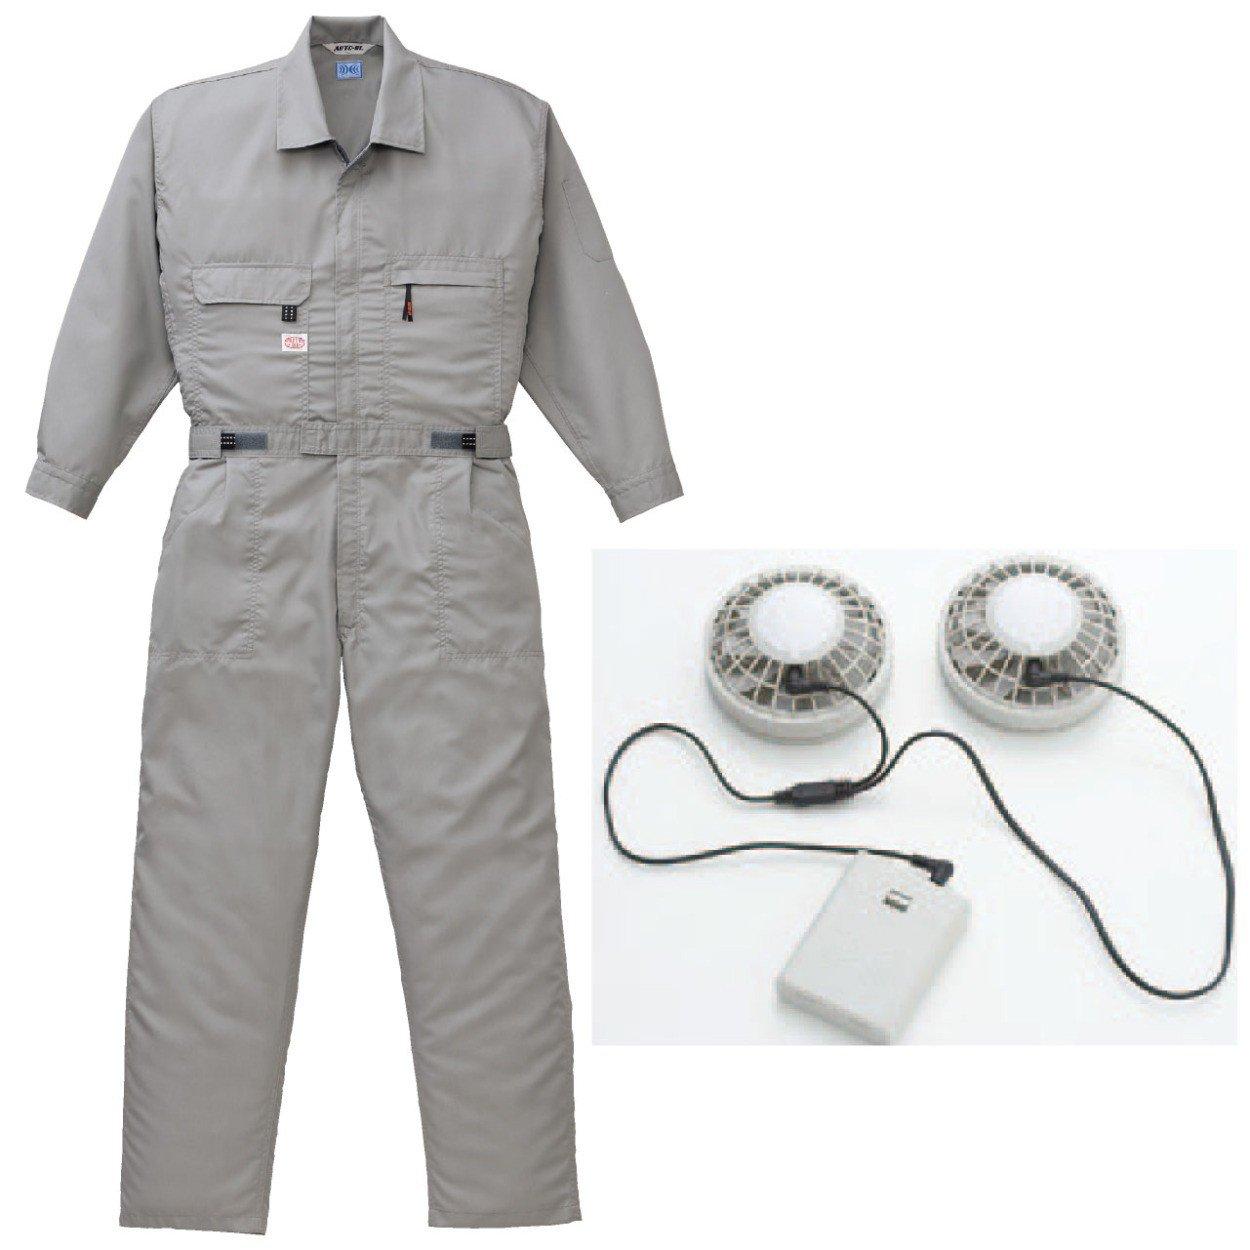 空調服 【空調つなぎ+(ファン+電池ボックス)92601】ab-9820-k B00JPBFA1O 4L|グレー グレー 4L